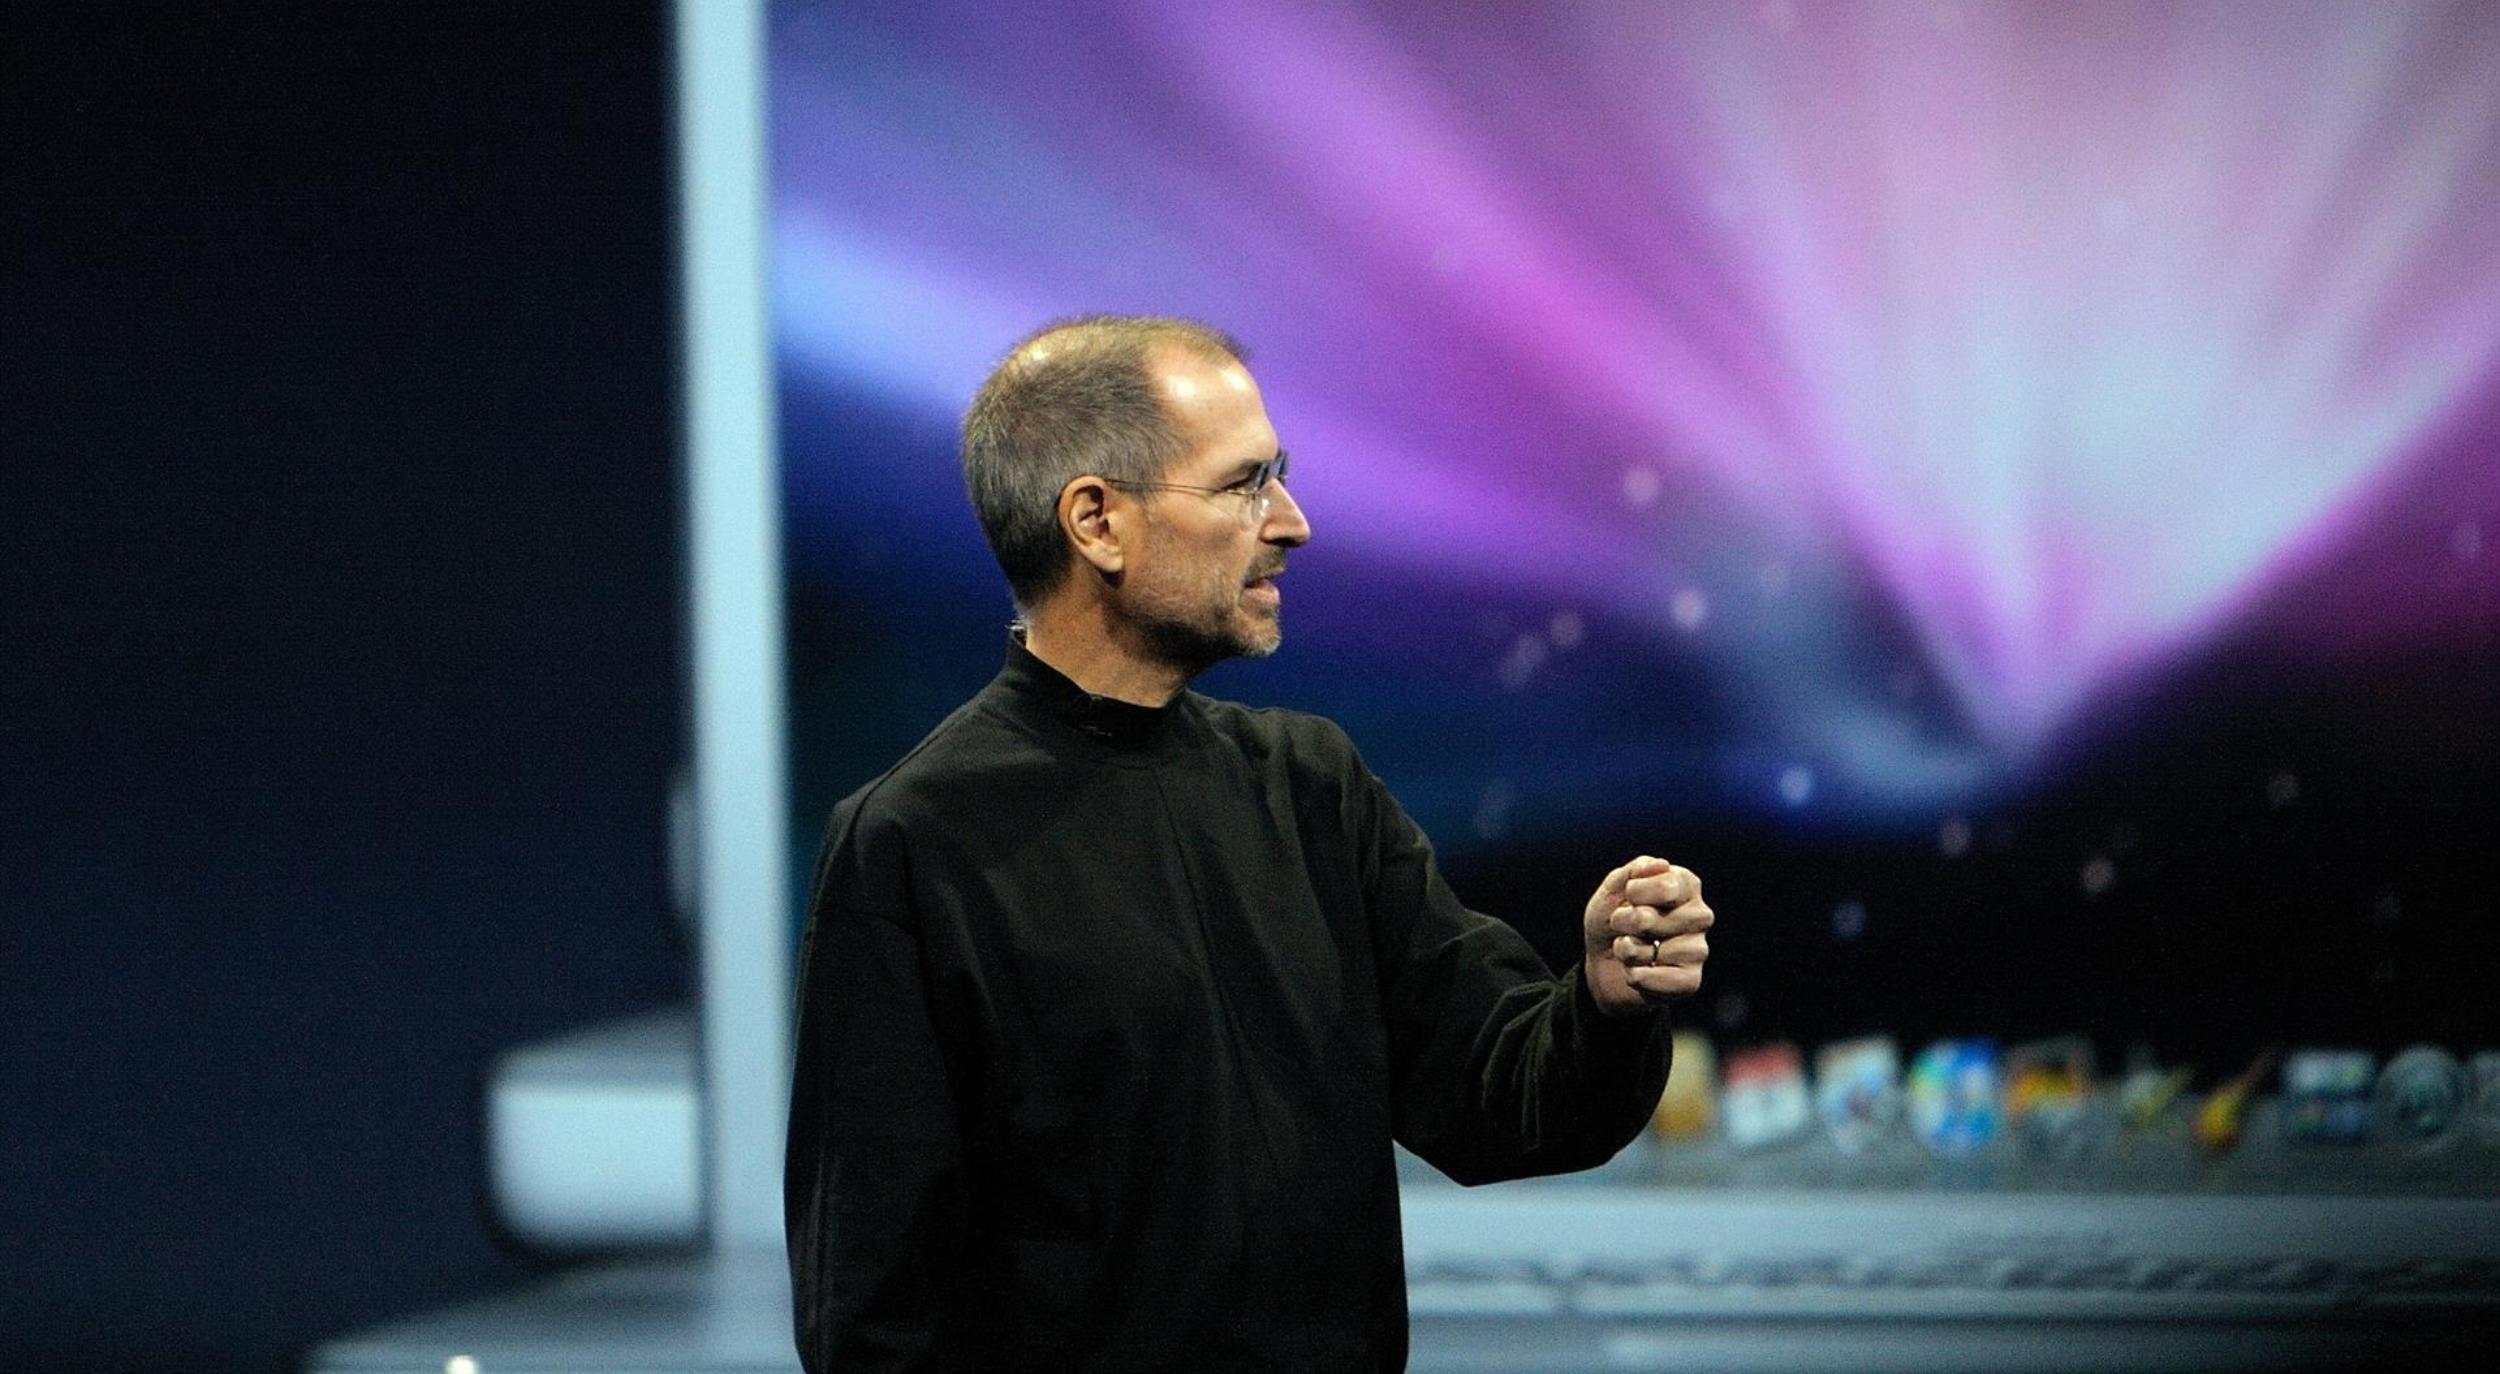 cumple-20-anos-el-sistema-operativo-que-significo-la-vuelta-de-steve-jobs-a-apple